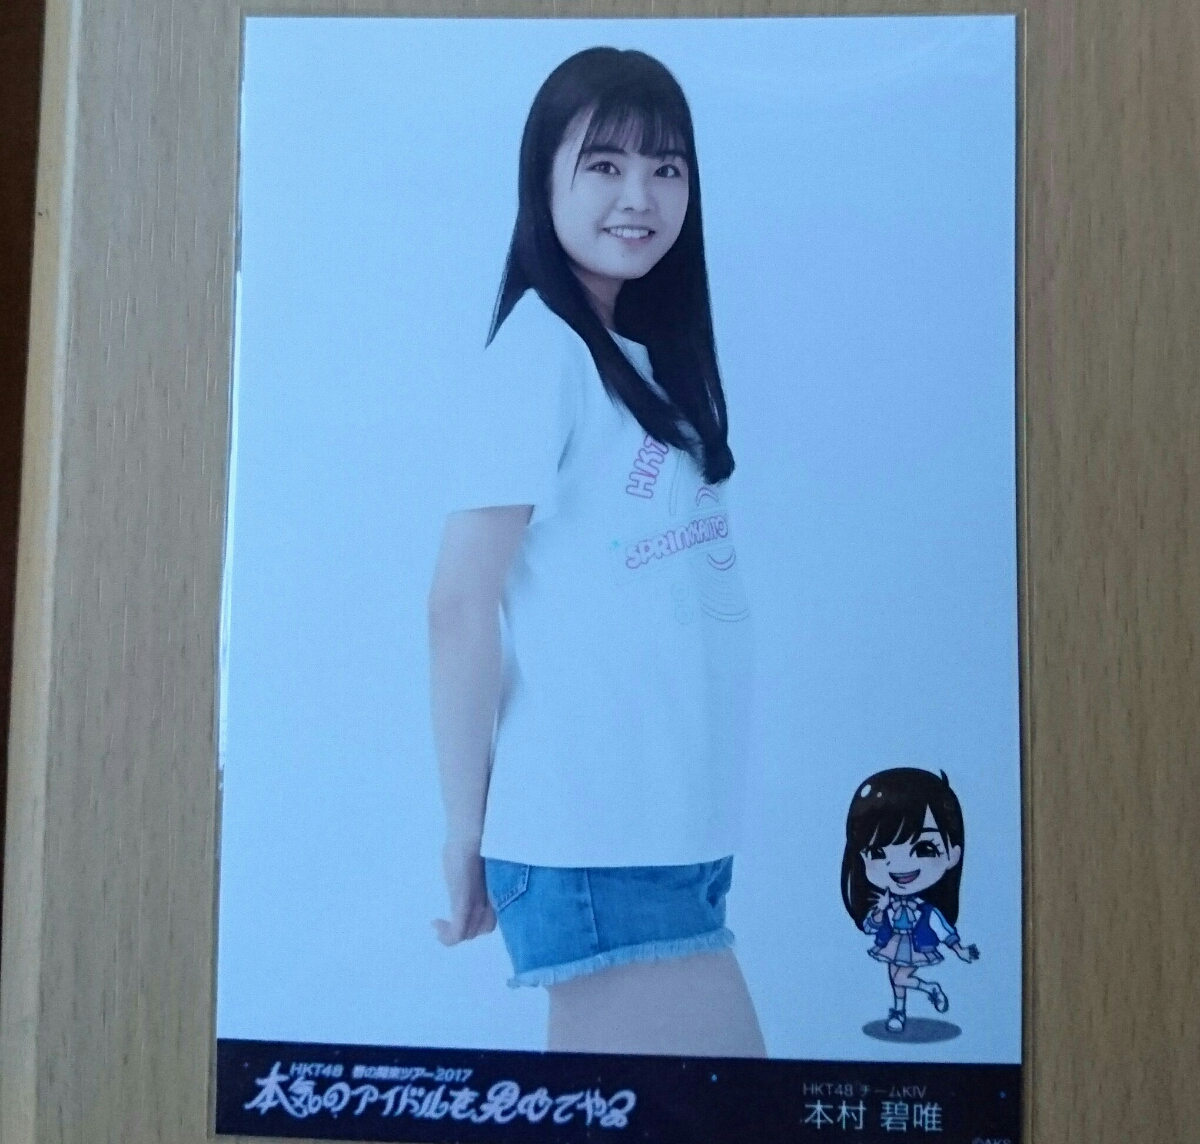 HKT48 春の関東ツアー 本気のアイドルを見せてやる DVD 封入写真 本村碧唯 引き ライブグッズの画像